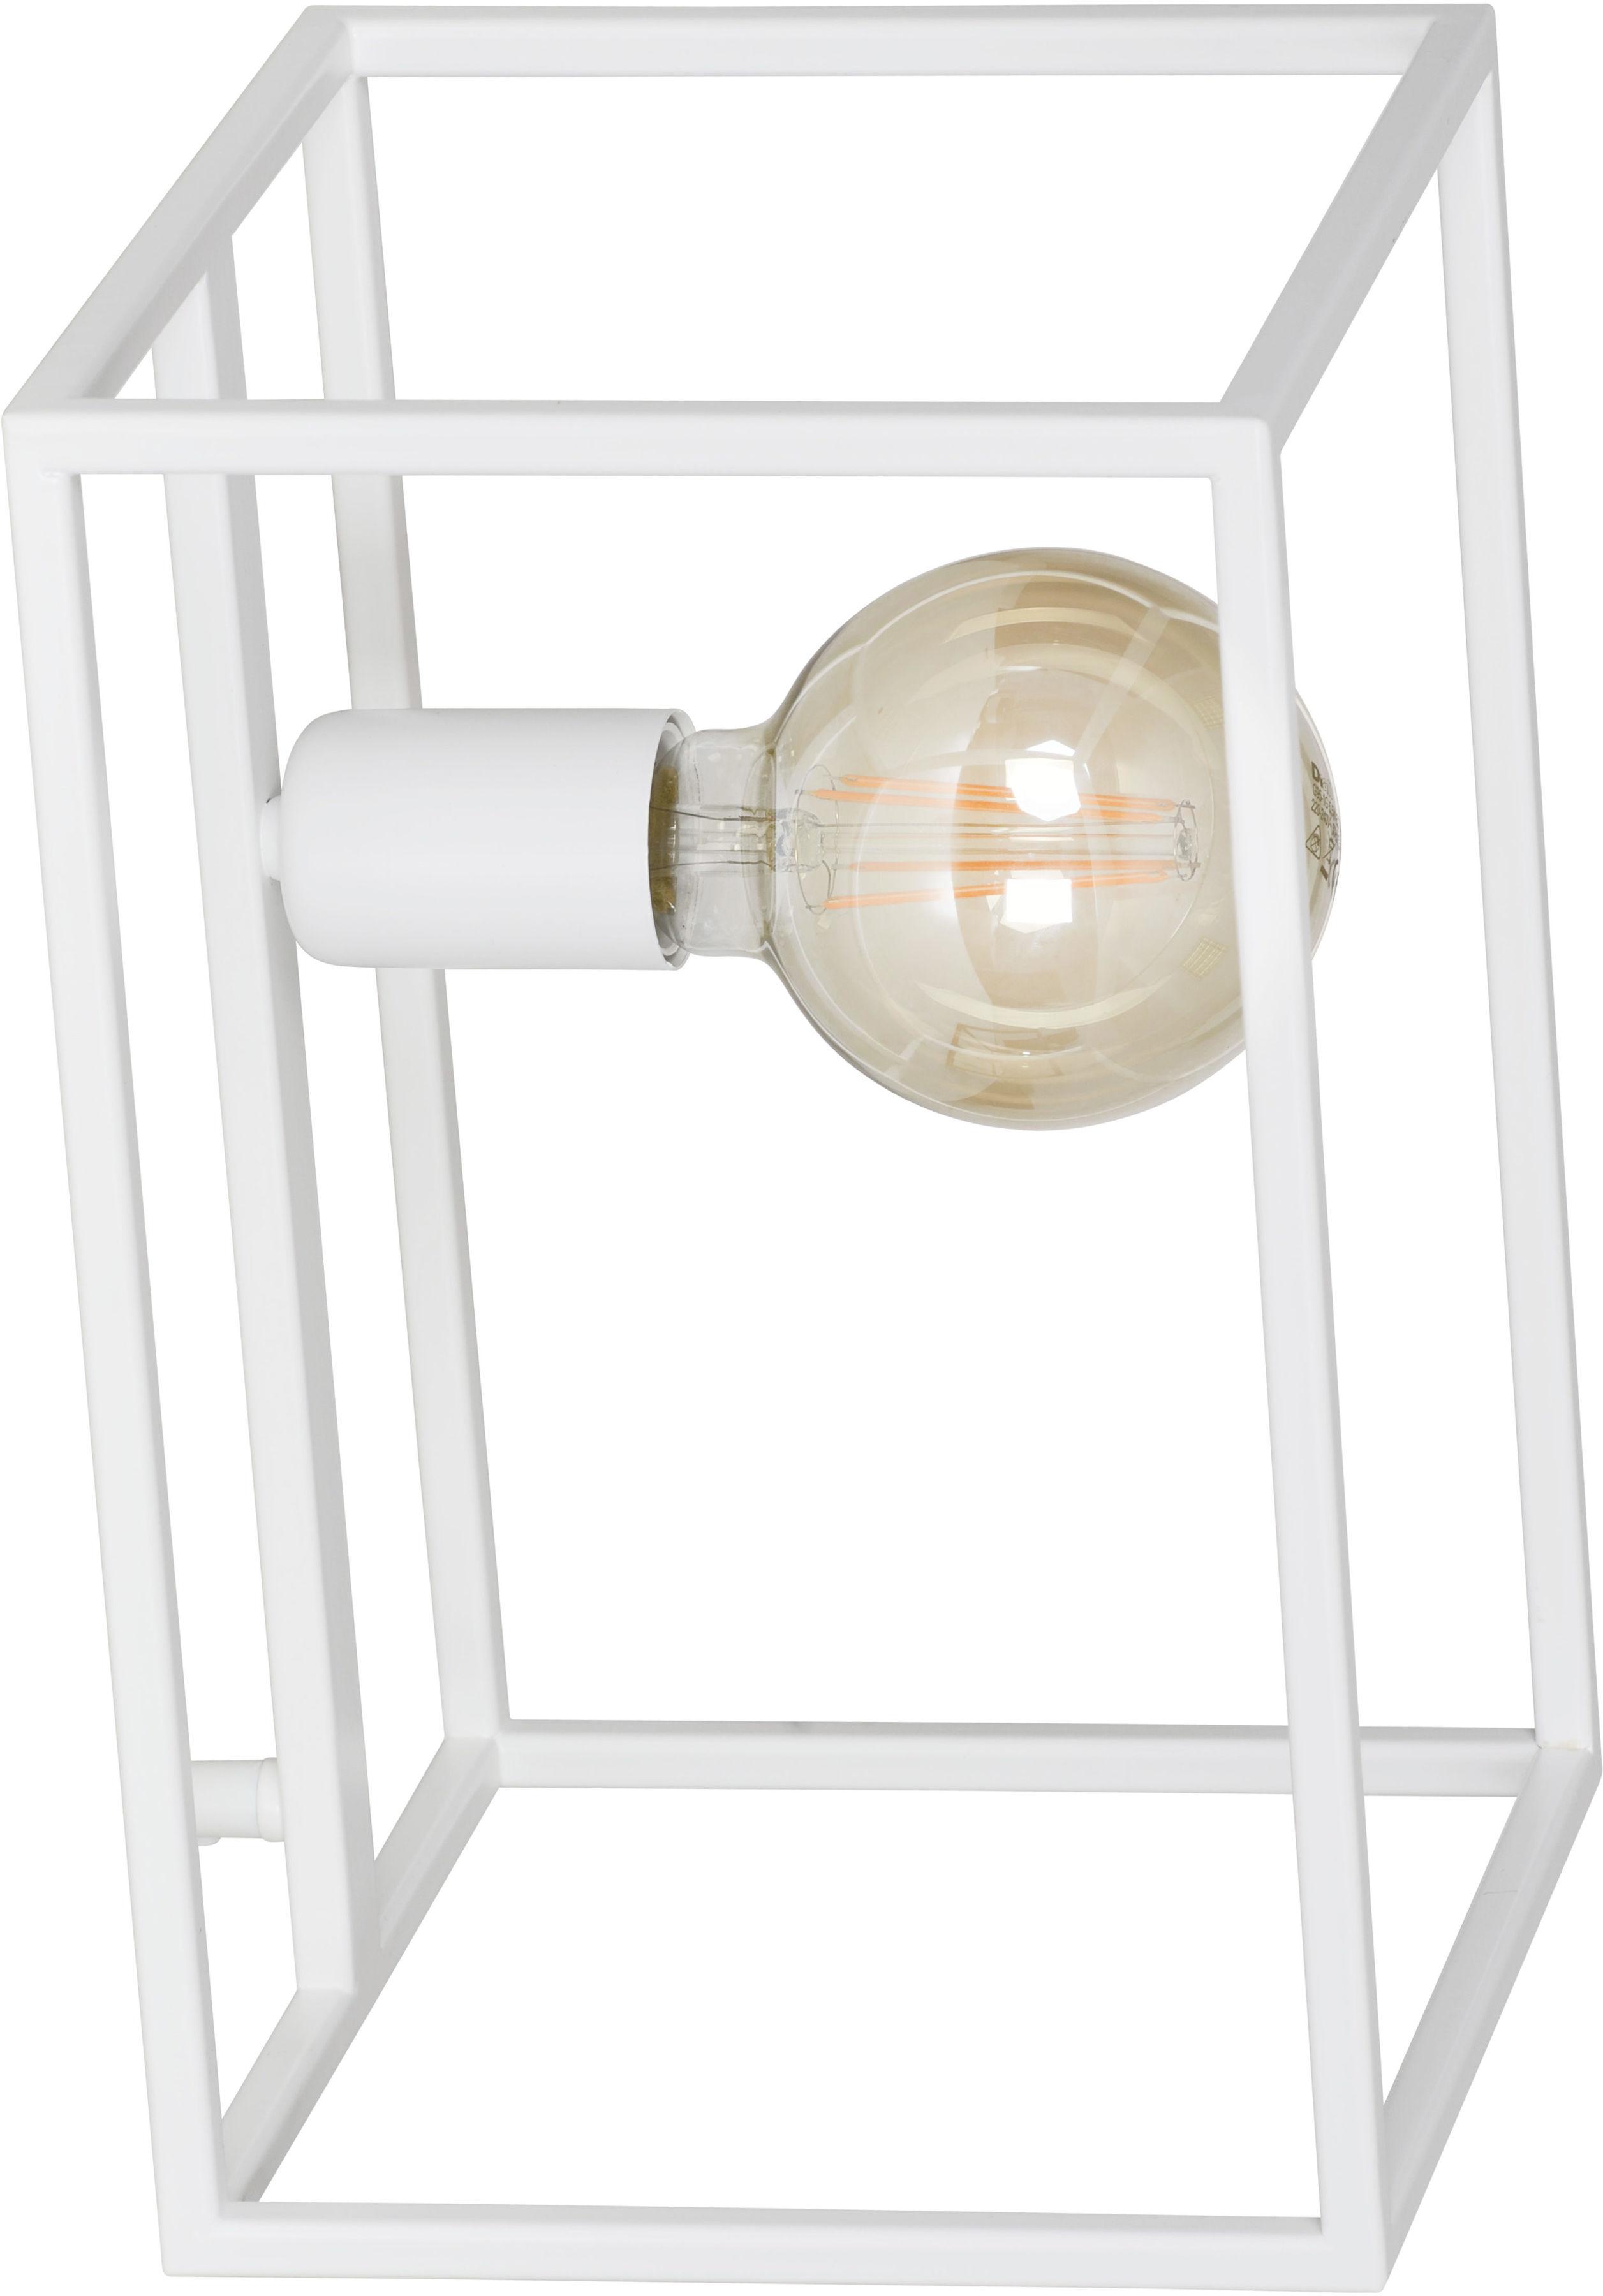 Emibig OMIKRON LN1 WHITE 147/LN1 lampa stołowa ramka klatka w stylu loft biała metal 1x60W E27 20cm